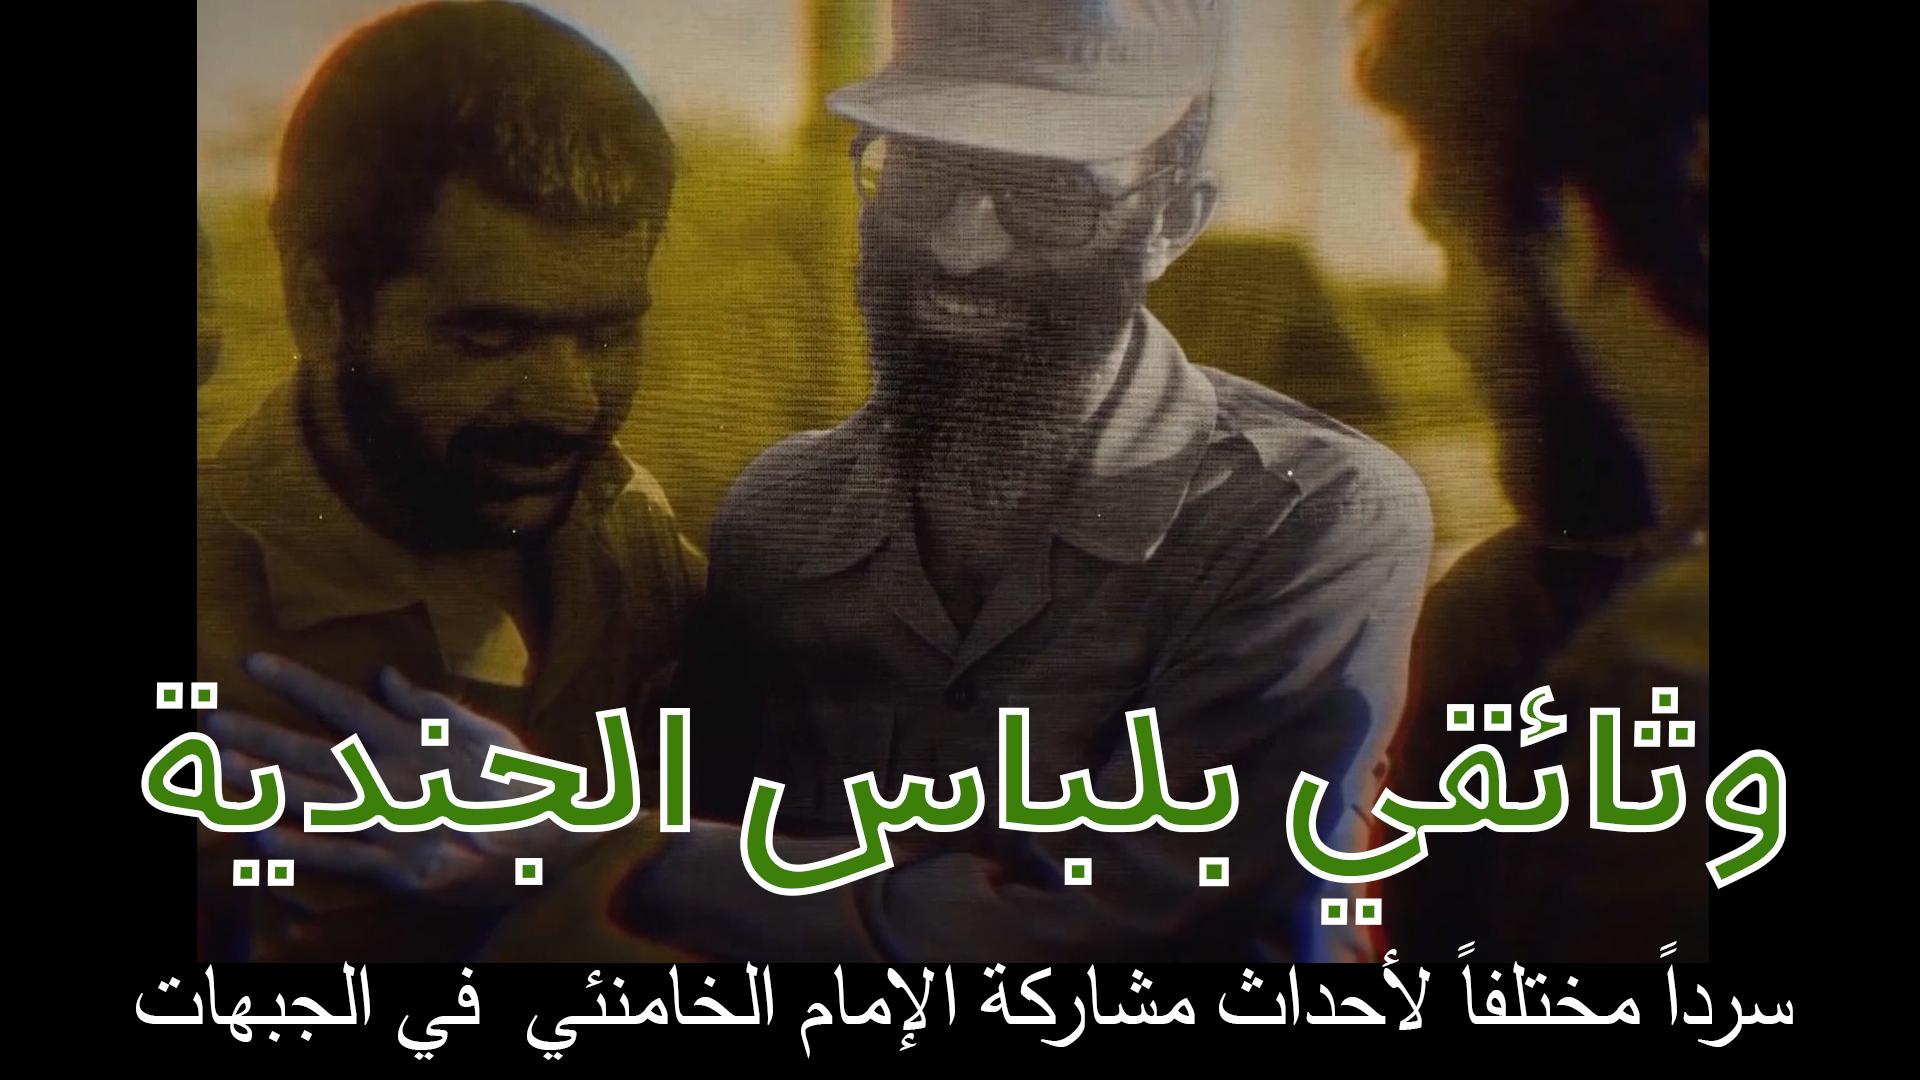 """وثائقي """"بلباس الجنديّة"""" (الحلقة 2)"""